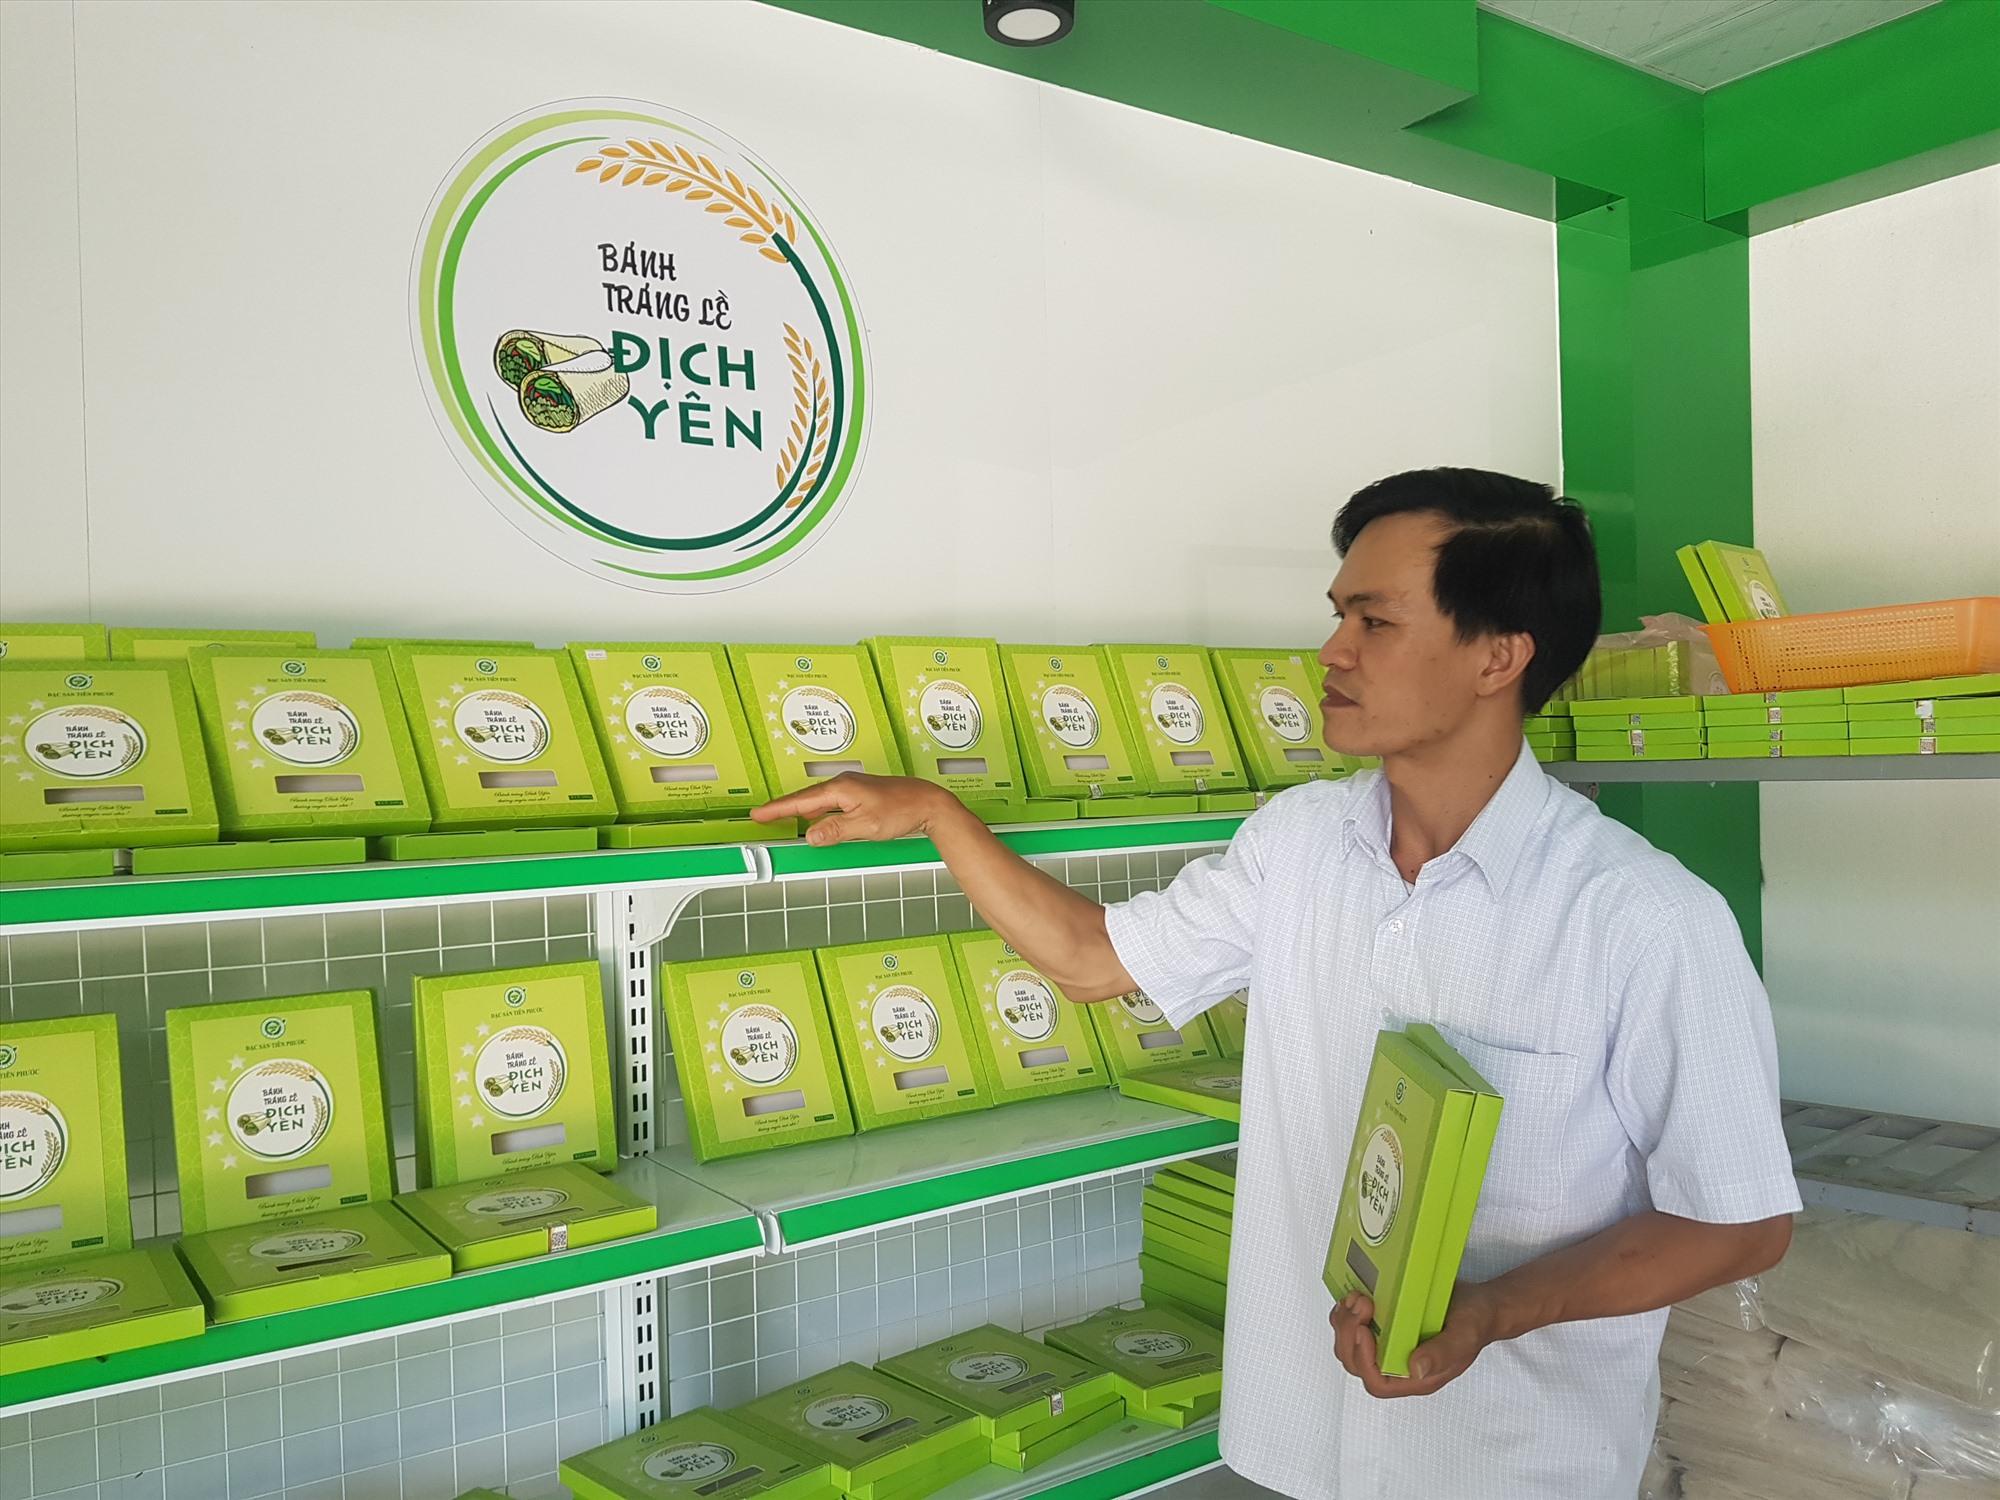 Năm 2019, sản phẩm Bánh tráng lề Địch Yên được UBND tỉnh công nhận đạt chuẩn 4 sao. Ảnh: D.L